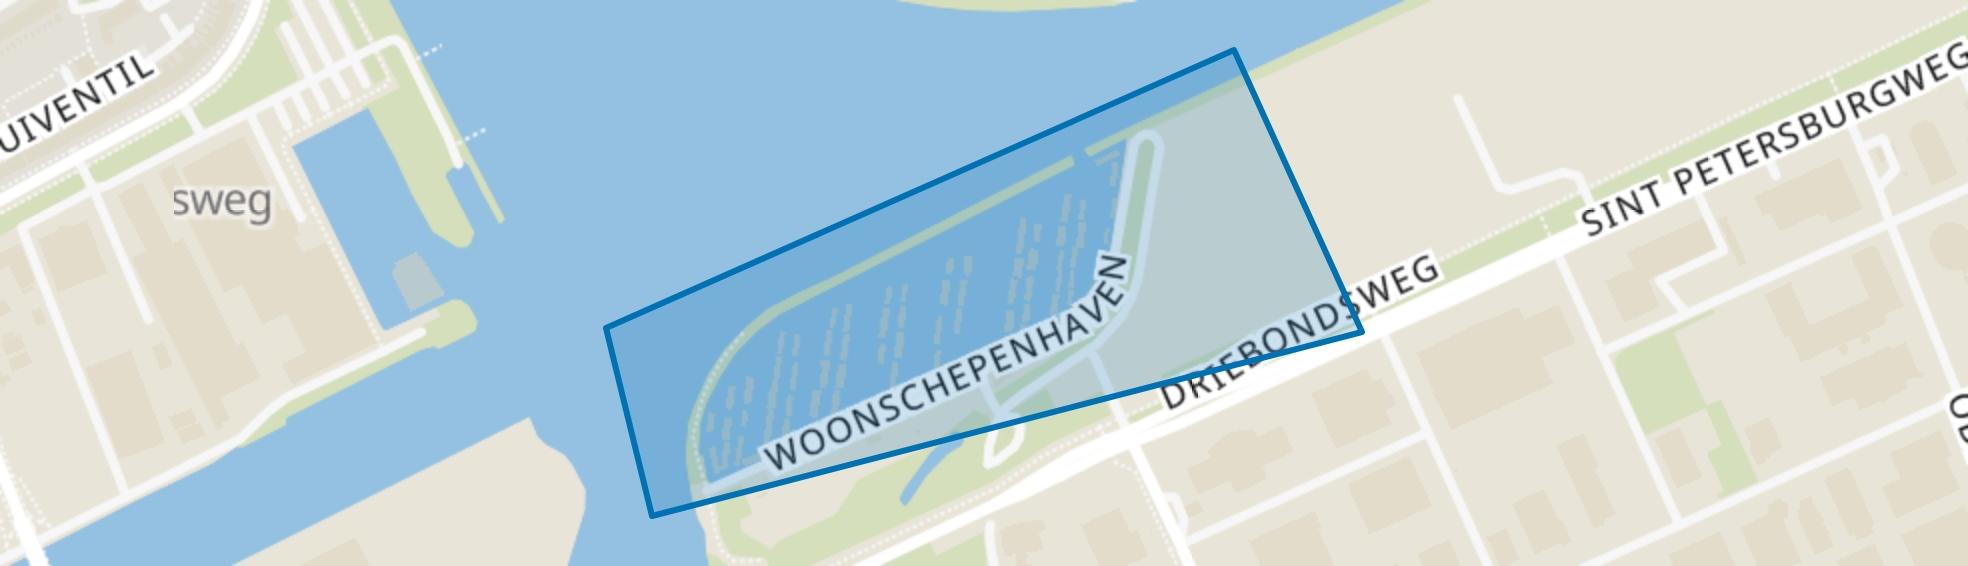 Woonschepenhaven, Groningen map